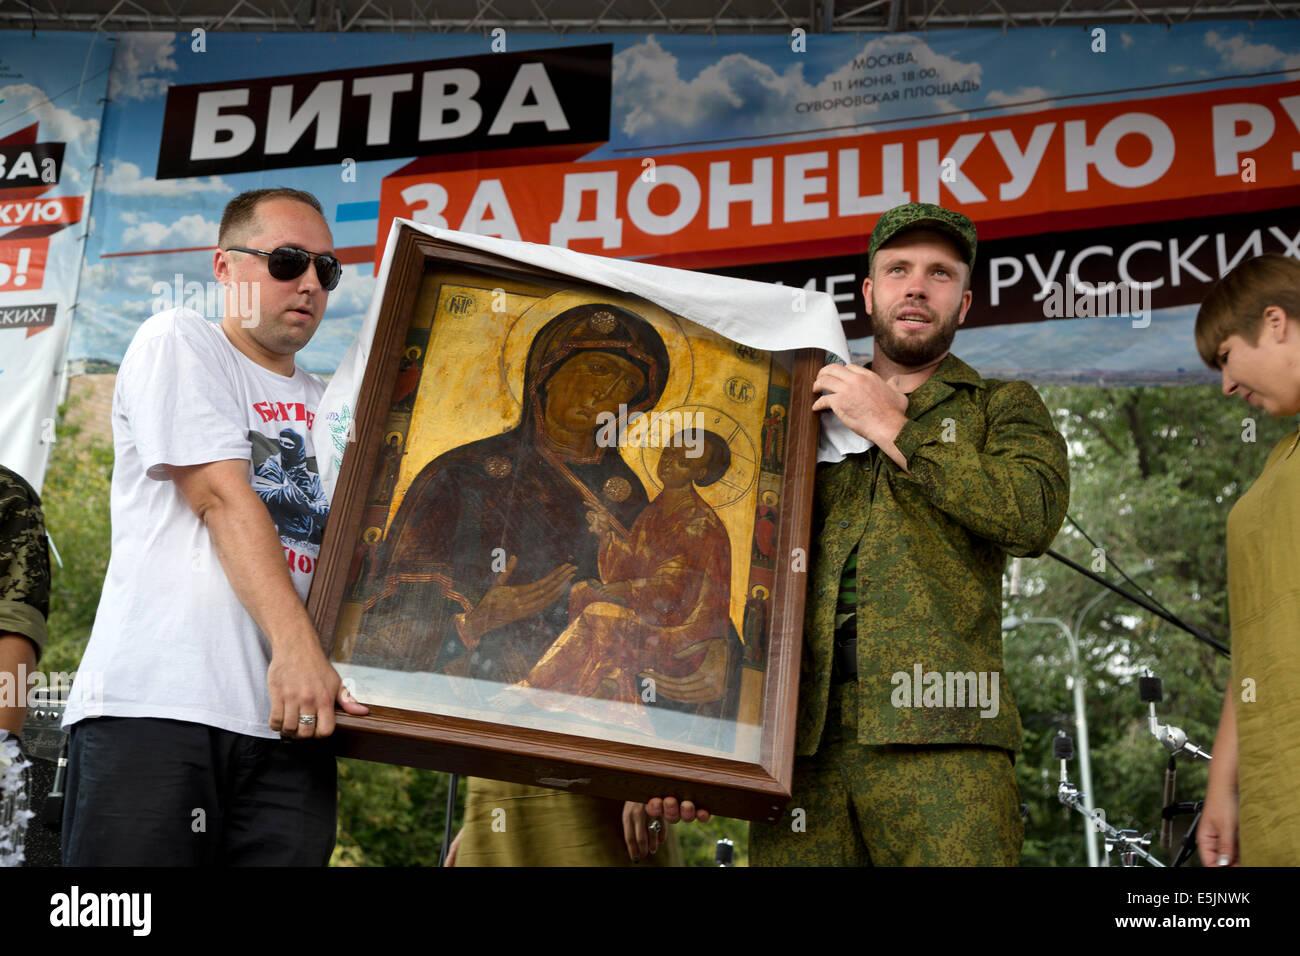 Moscú, Rusia, el 2 de agosto de 2014. Tikhvin del icono de la Madre de Dios en la manifestación en apoyo Imagen De Stock